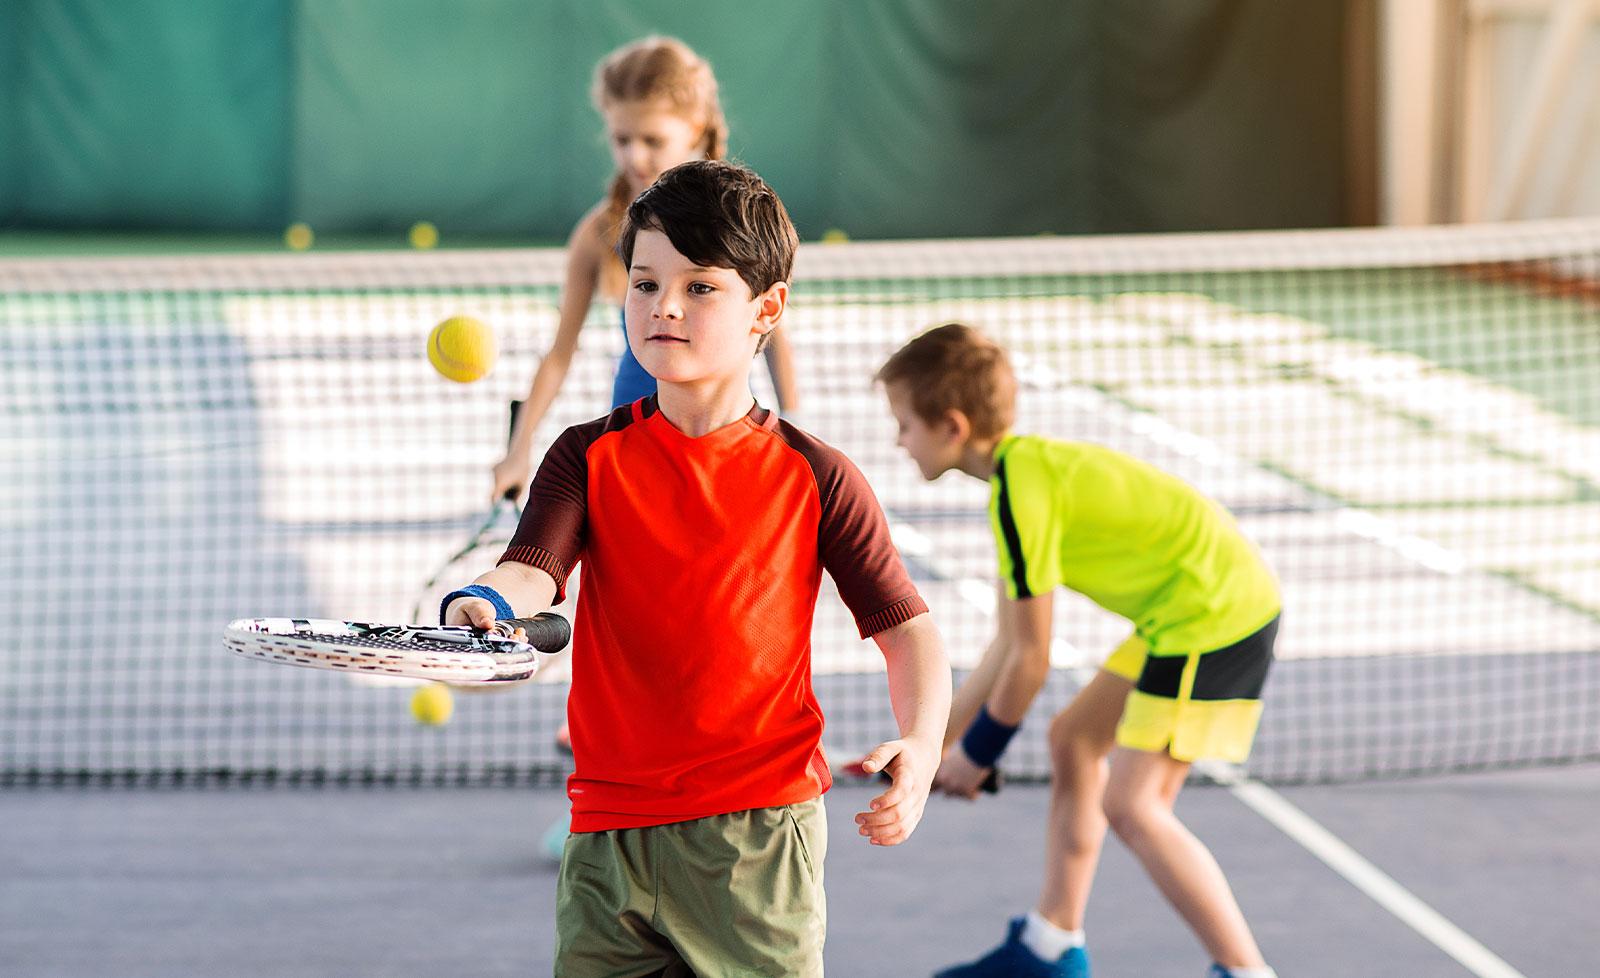 La conception de jeu collectif en tennis